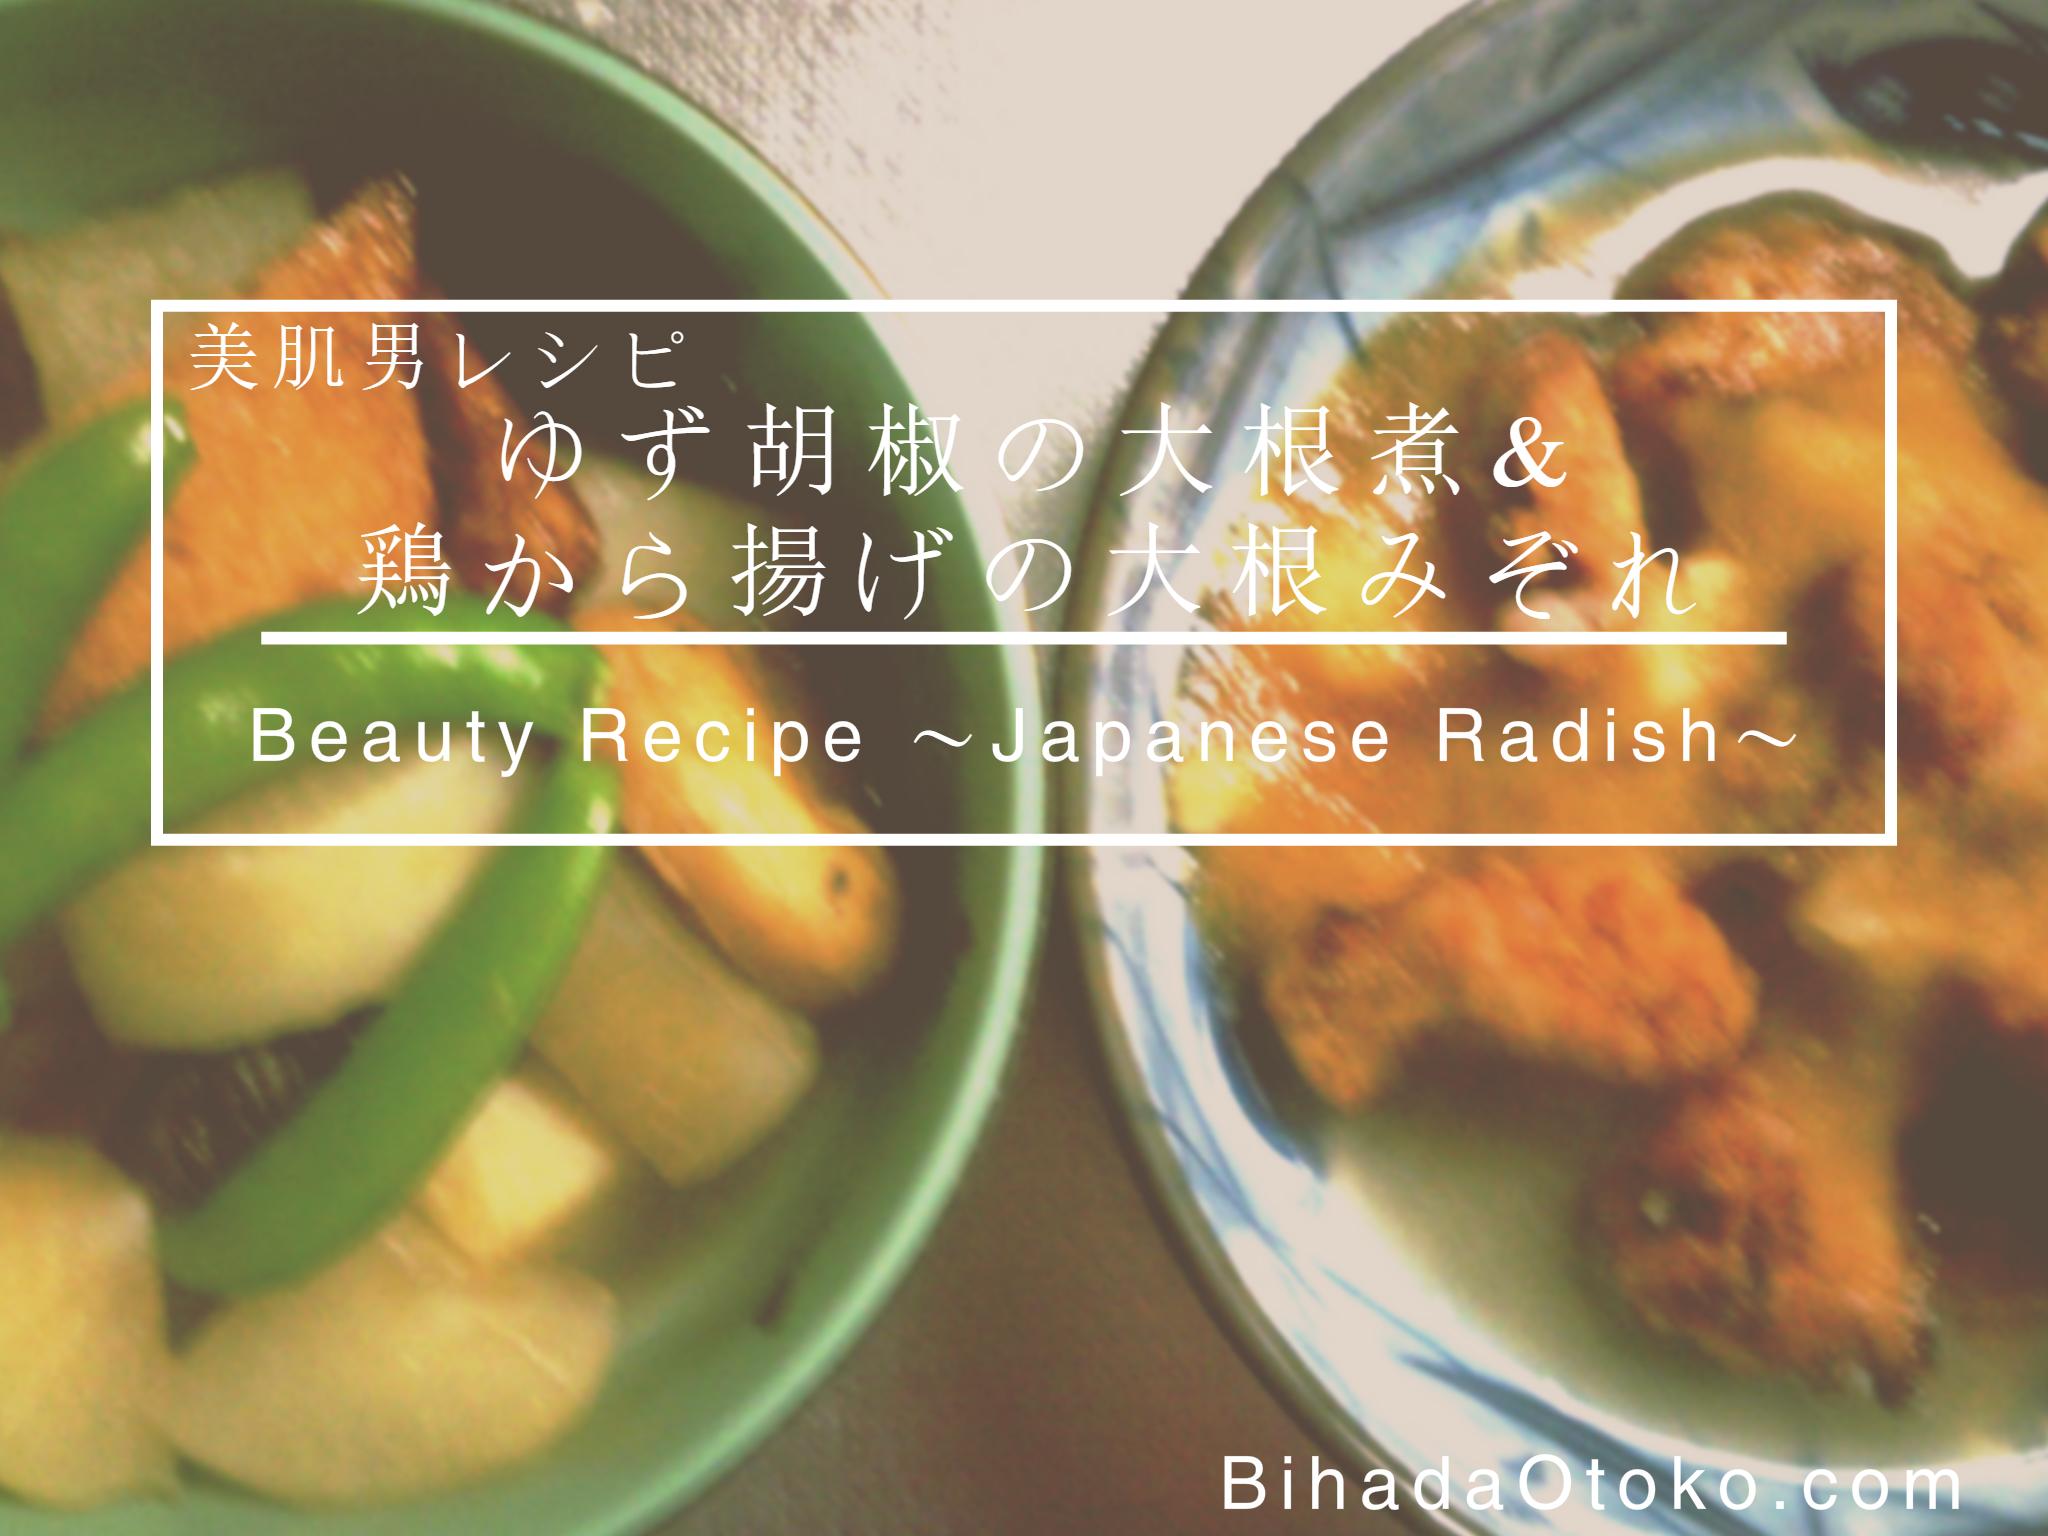 大根レシピ美容